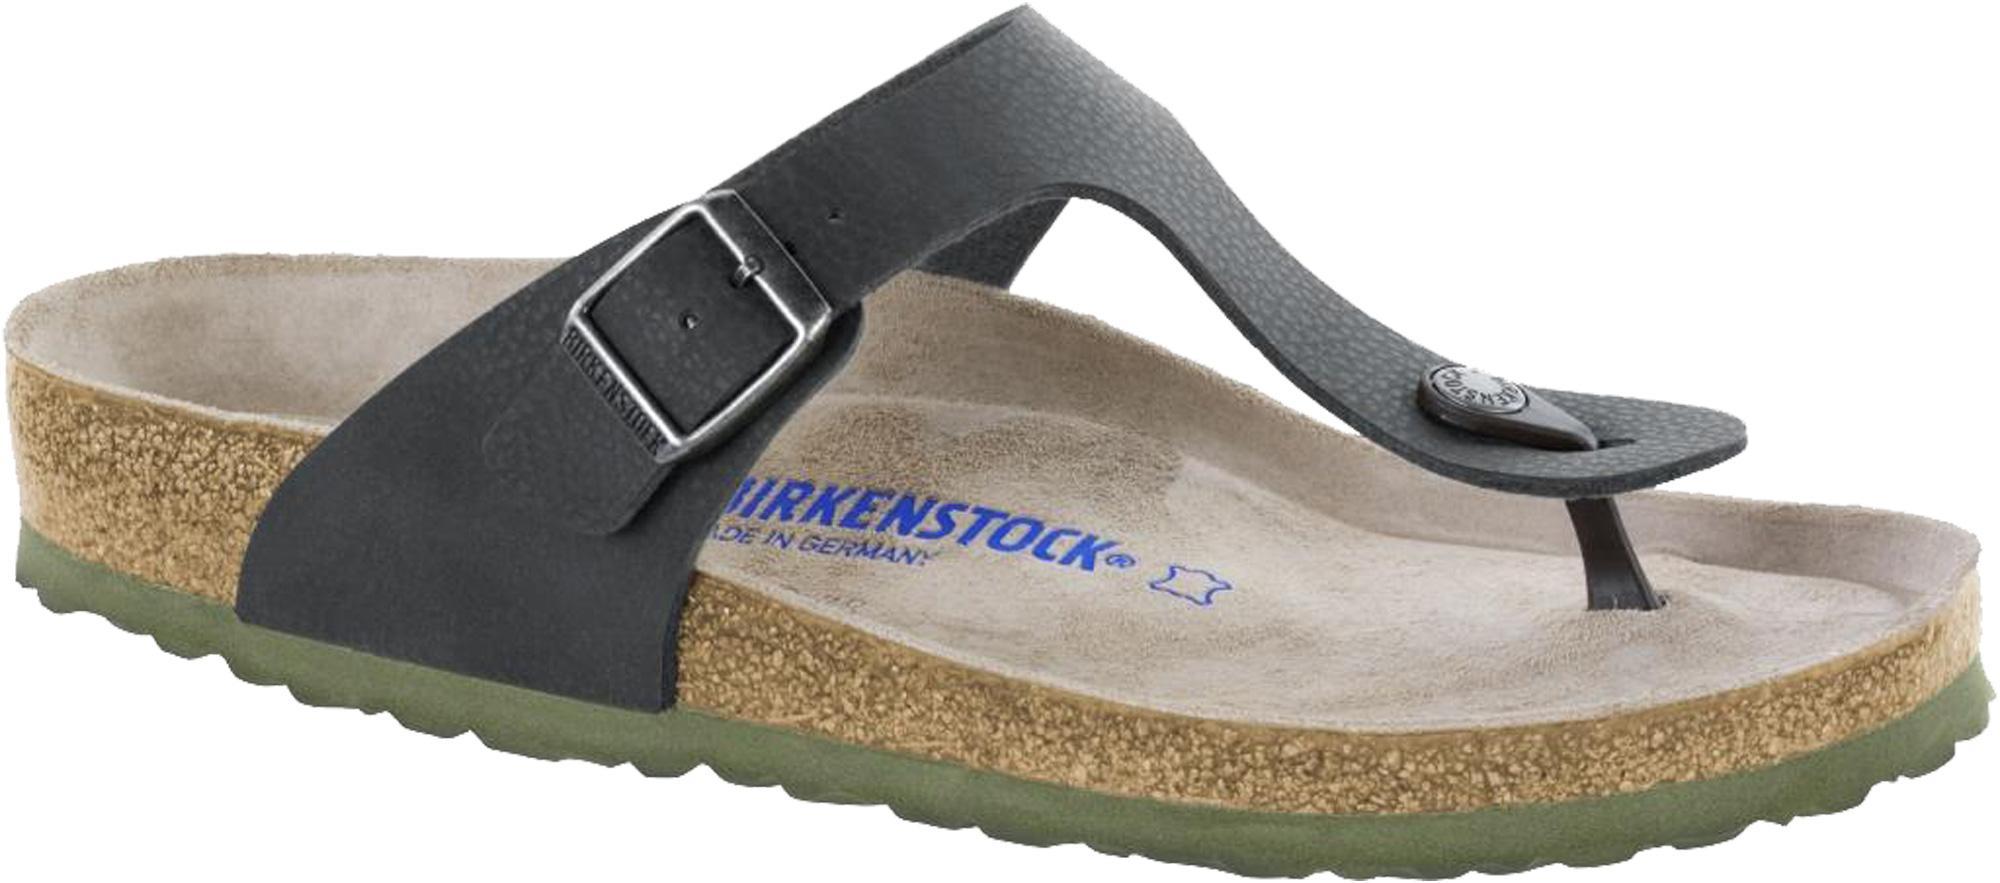 Infradito Birkenstock Gizeh Soft 1009962 Nero Desert Soil (39-46)  092c6357d52